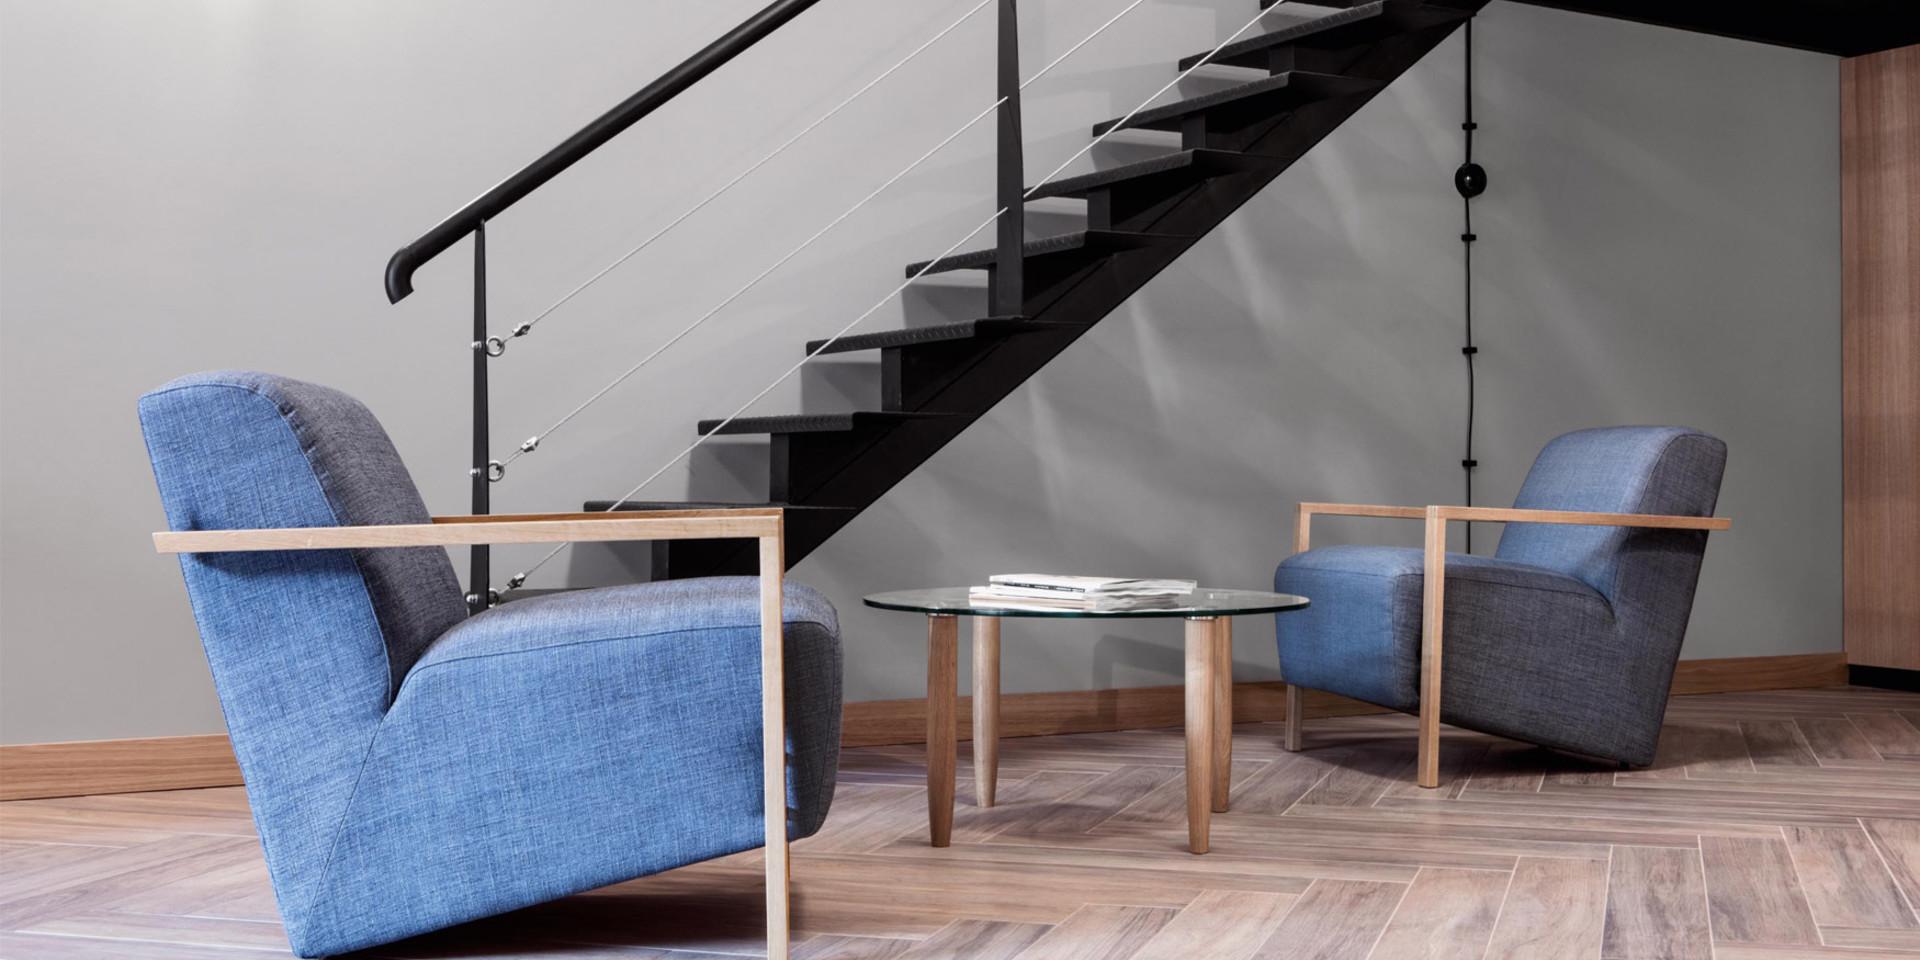 ALLAN_arrangement_armchair_mattis45_blue_3